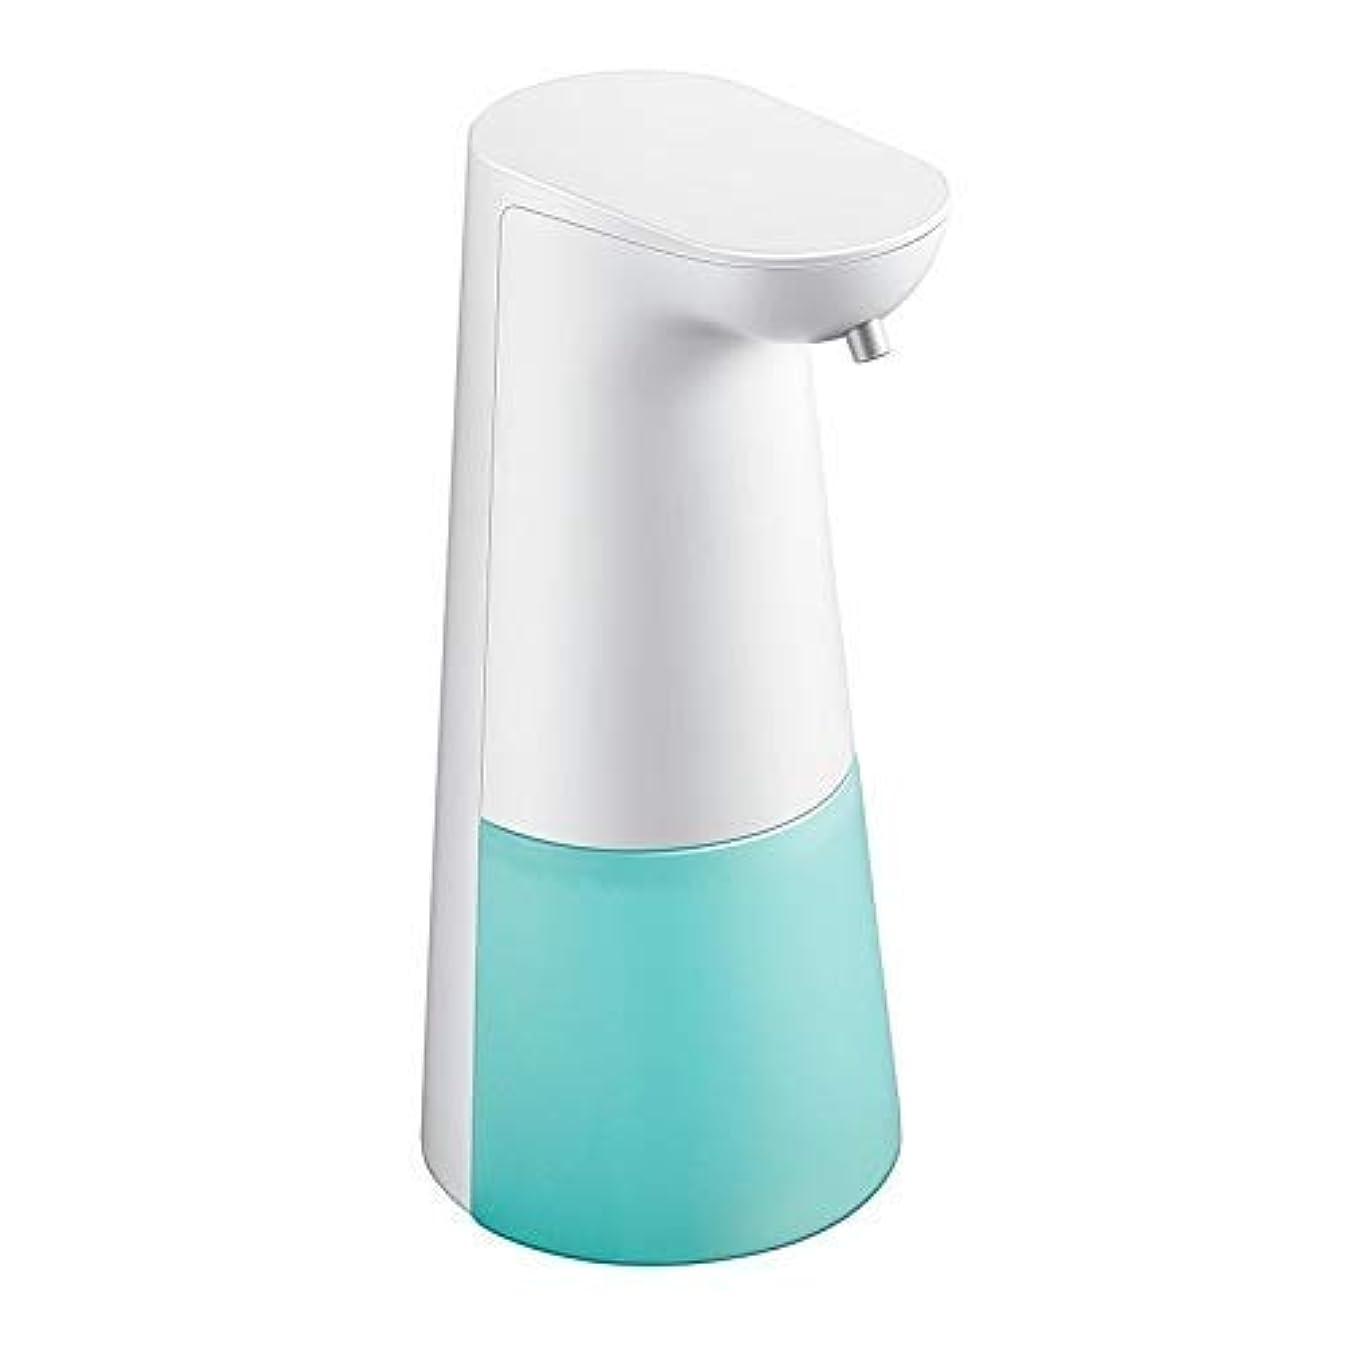 可塑性スポーツマン醜い自動誘導の泡の石鹸機械ホテルの泡の石鹸ディスペンサーの自動手の消毒剤